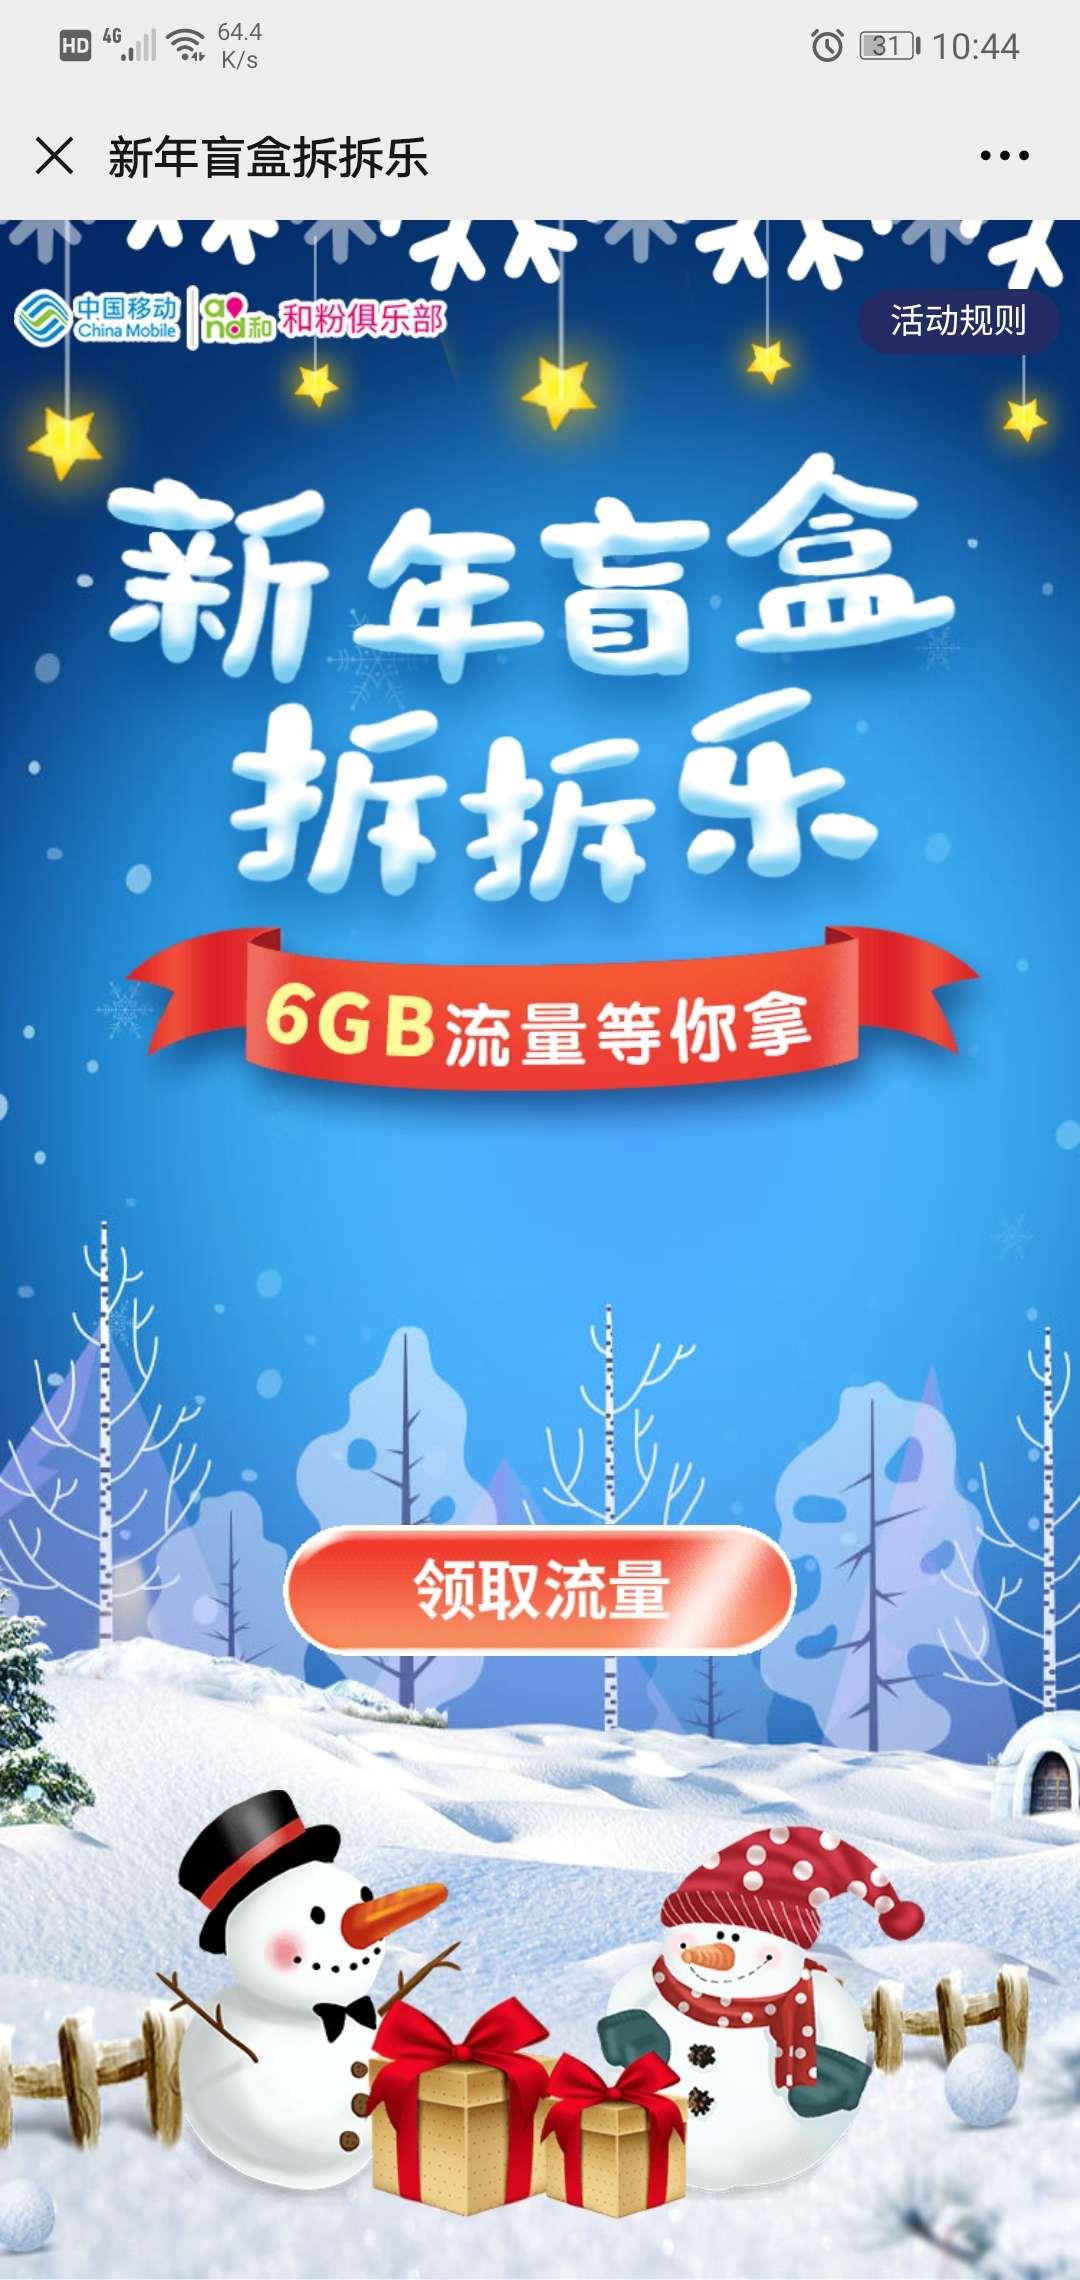 图片[1]-中国移动和粉俱乐部领200M-4.2G流量 【活动时-老友薅羊毛活动线报网